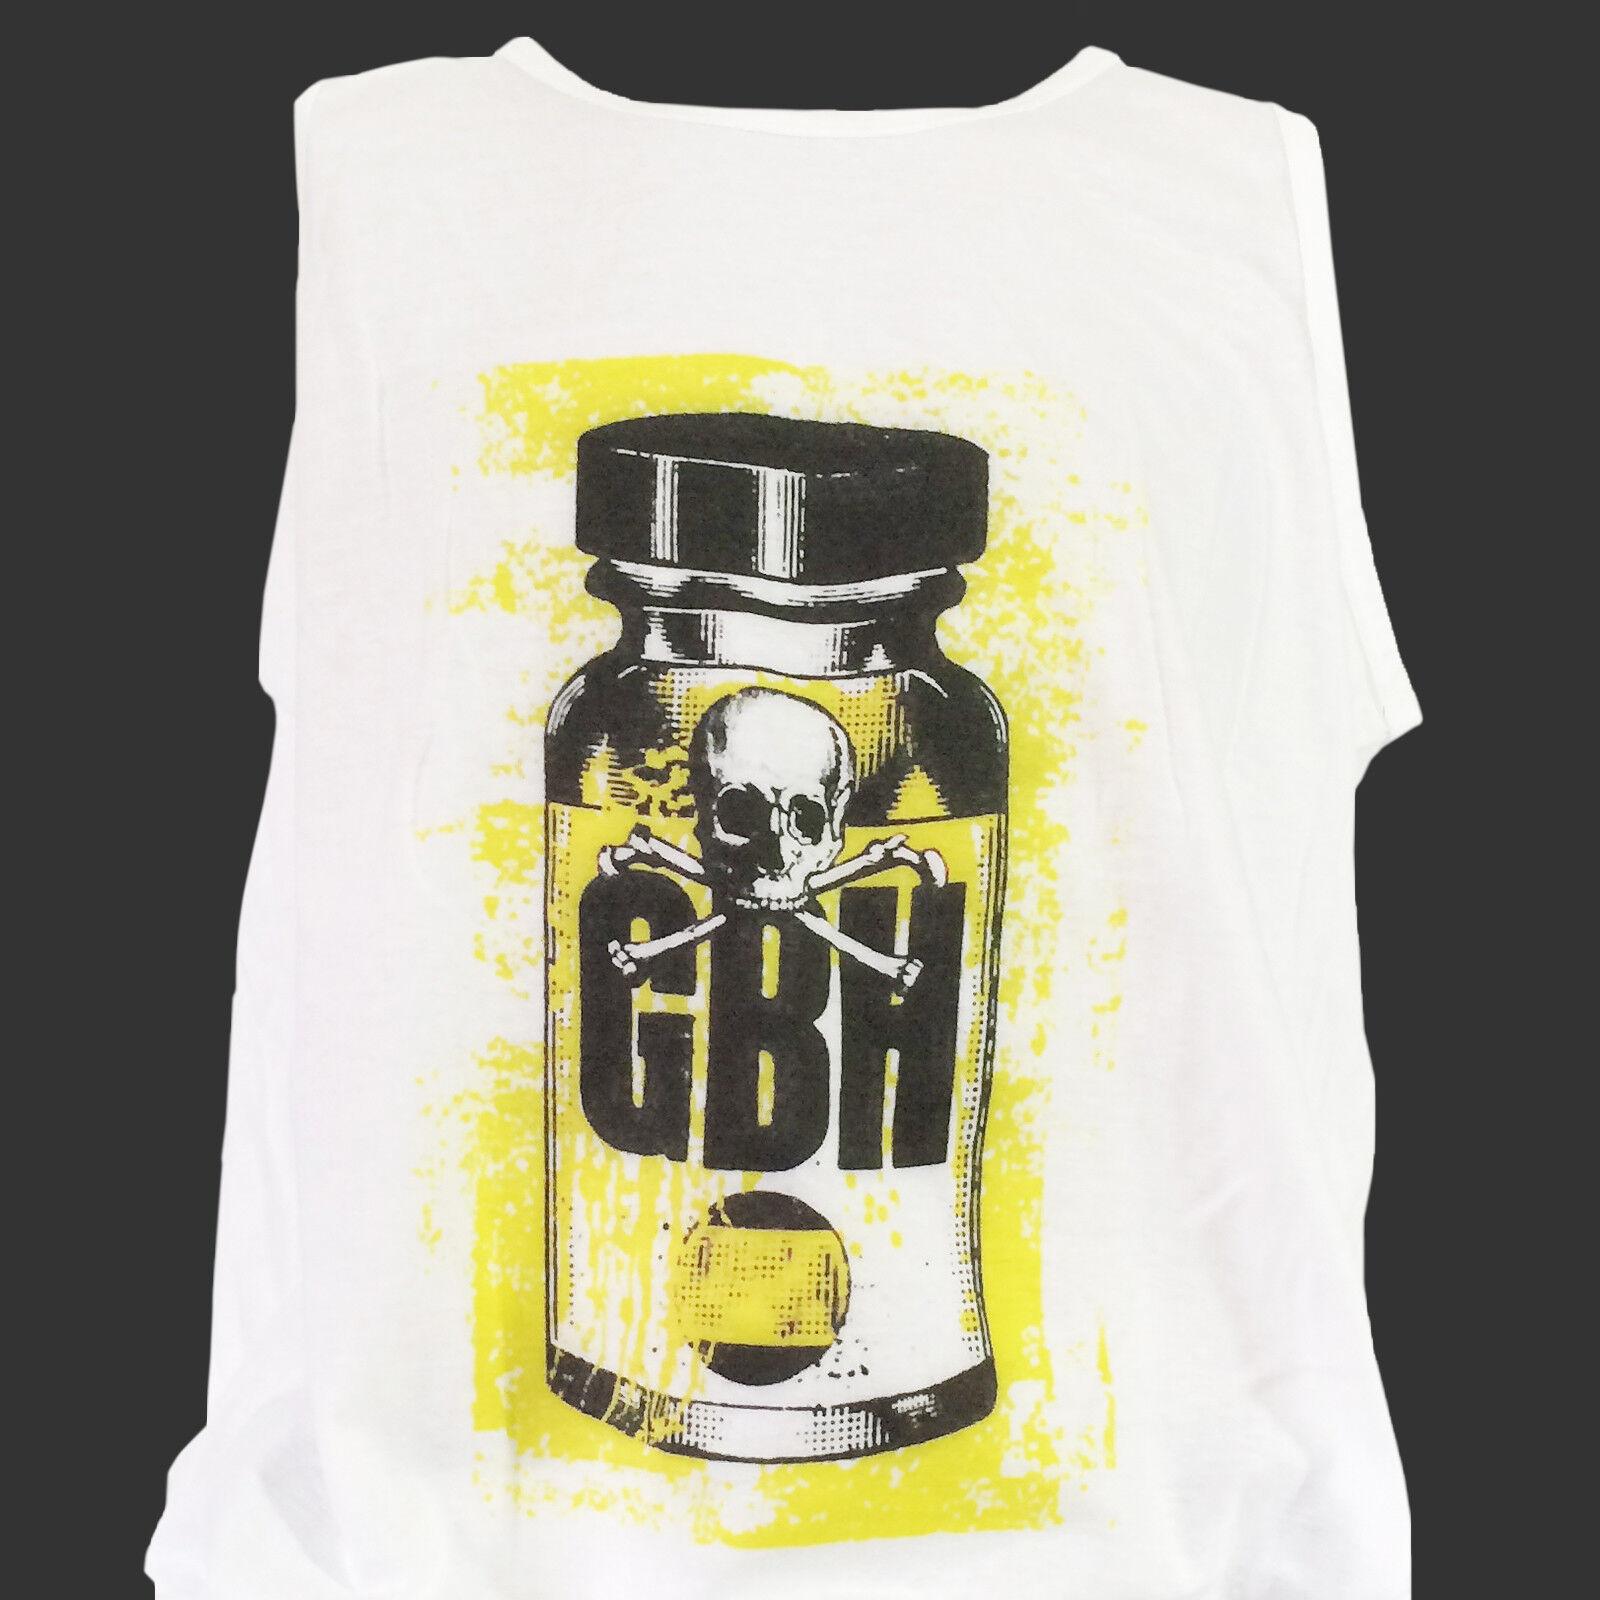 GBH Punk Rock Rock Rock Hardcore T-shirt décharge UK Subs grossiers S M L XL 2XL Débardeur d2a884